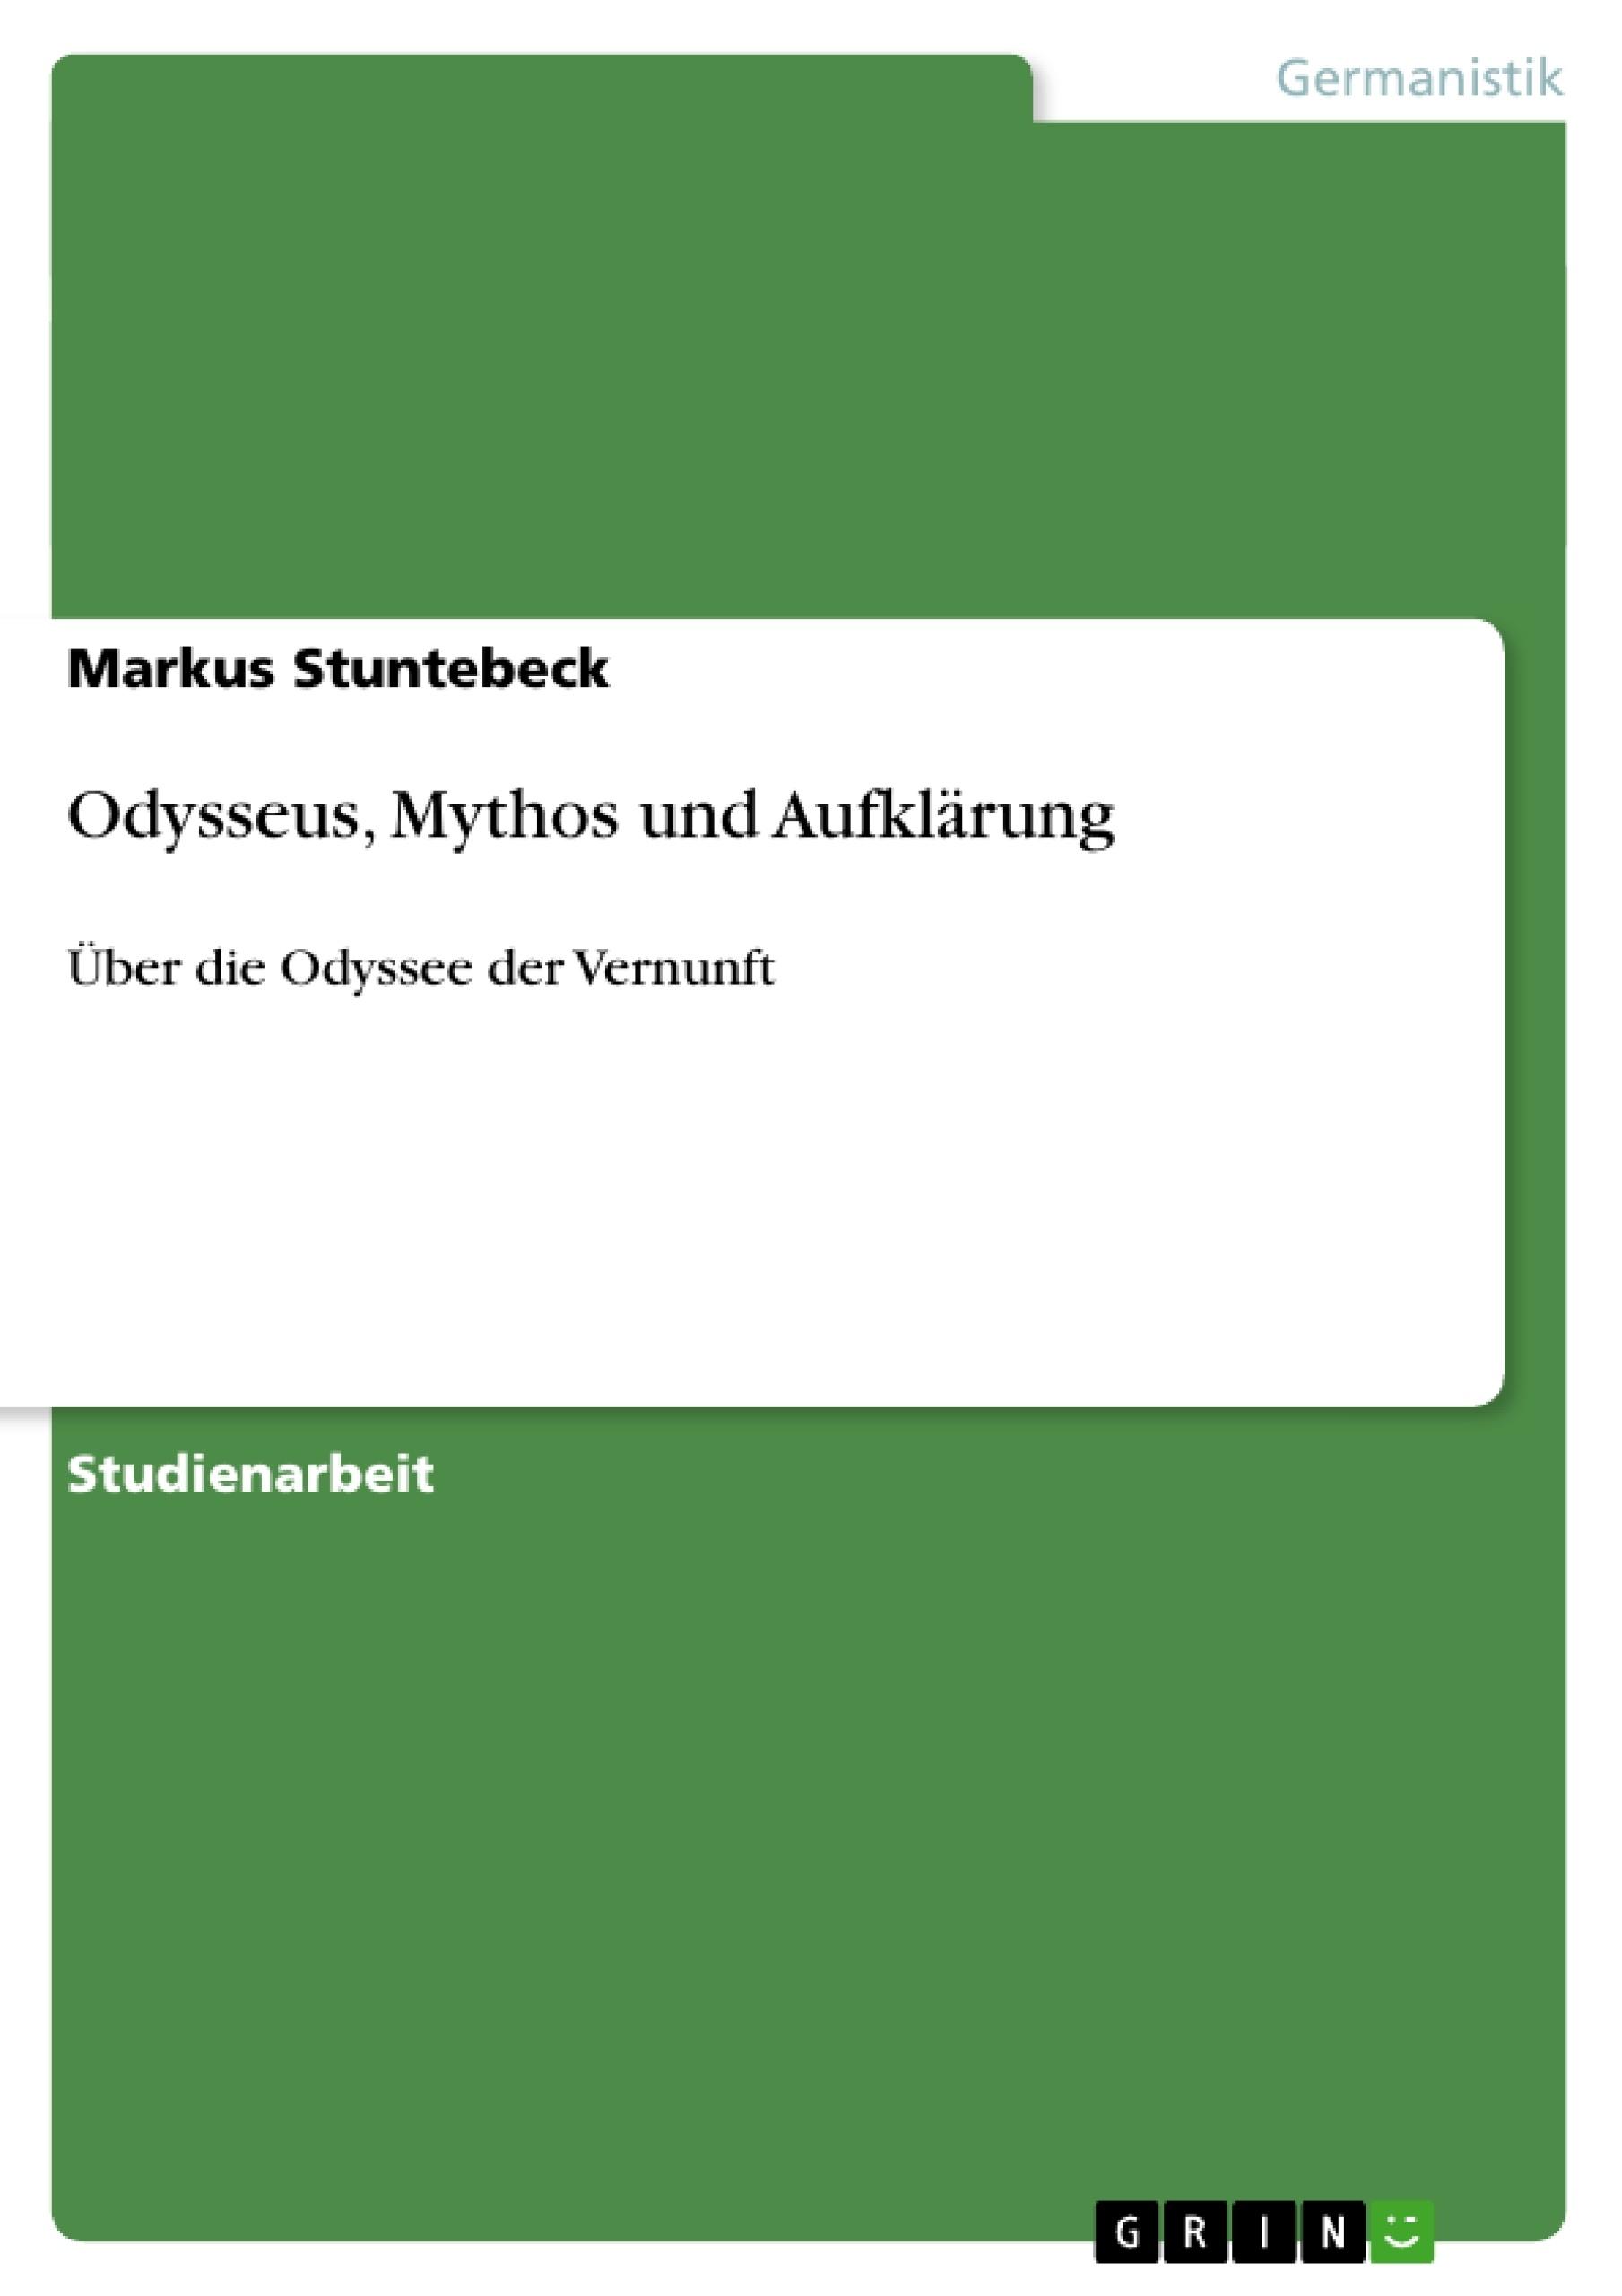 Titel: Odysseus, Mythos und Aufklärung